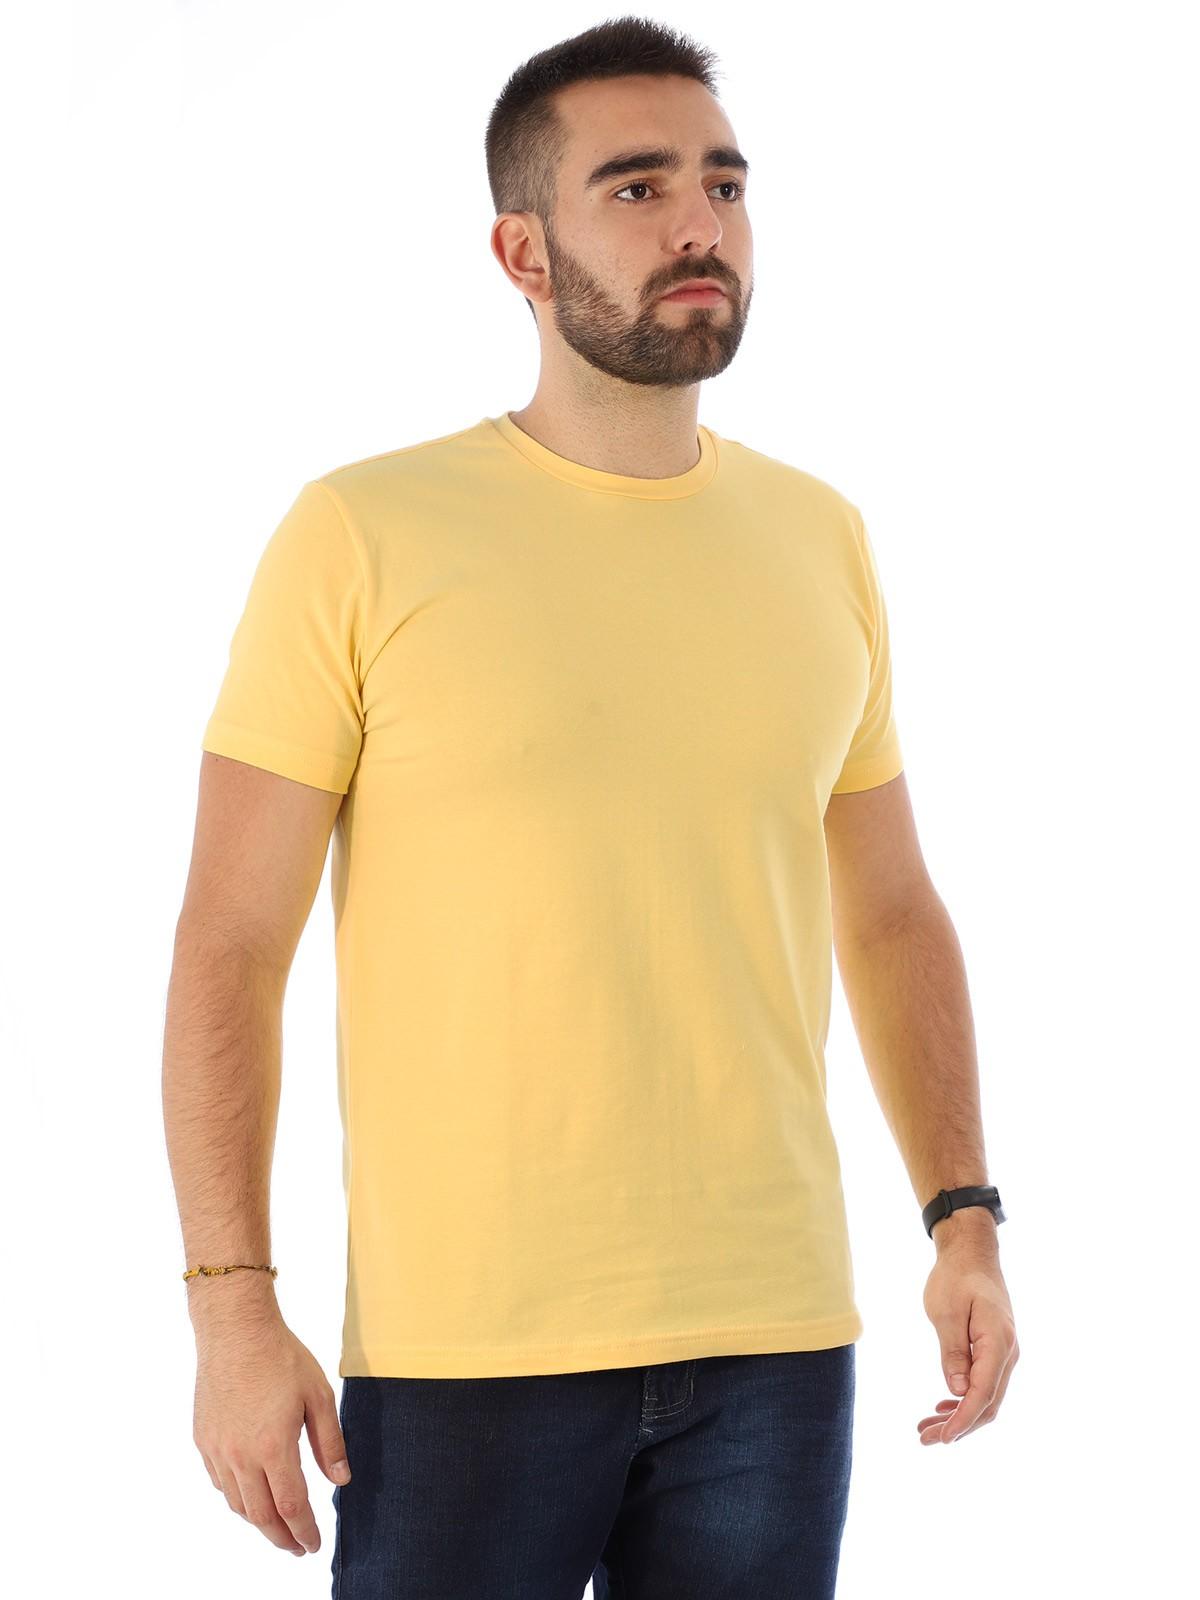 Camiseta Masculina Lisa Algodão Com Elastano Fit Amarela